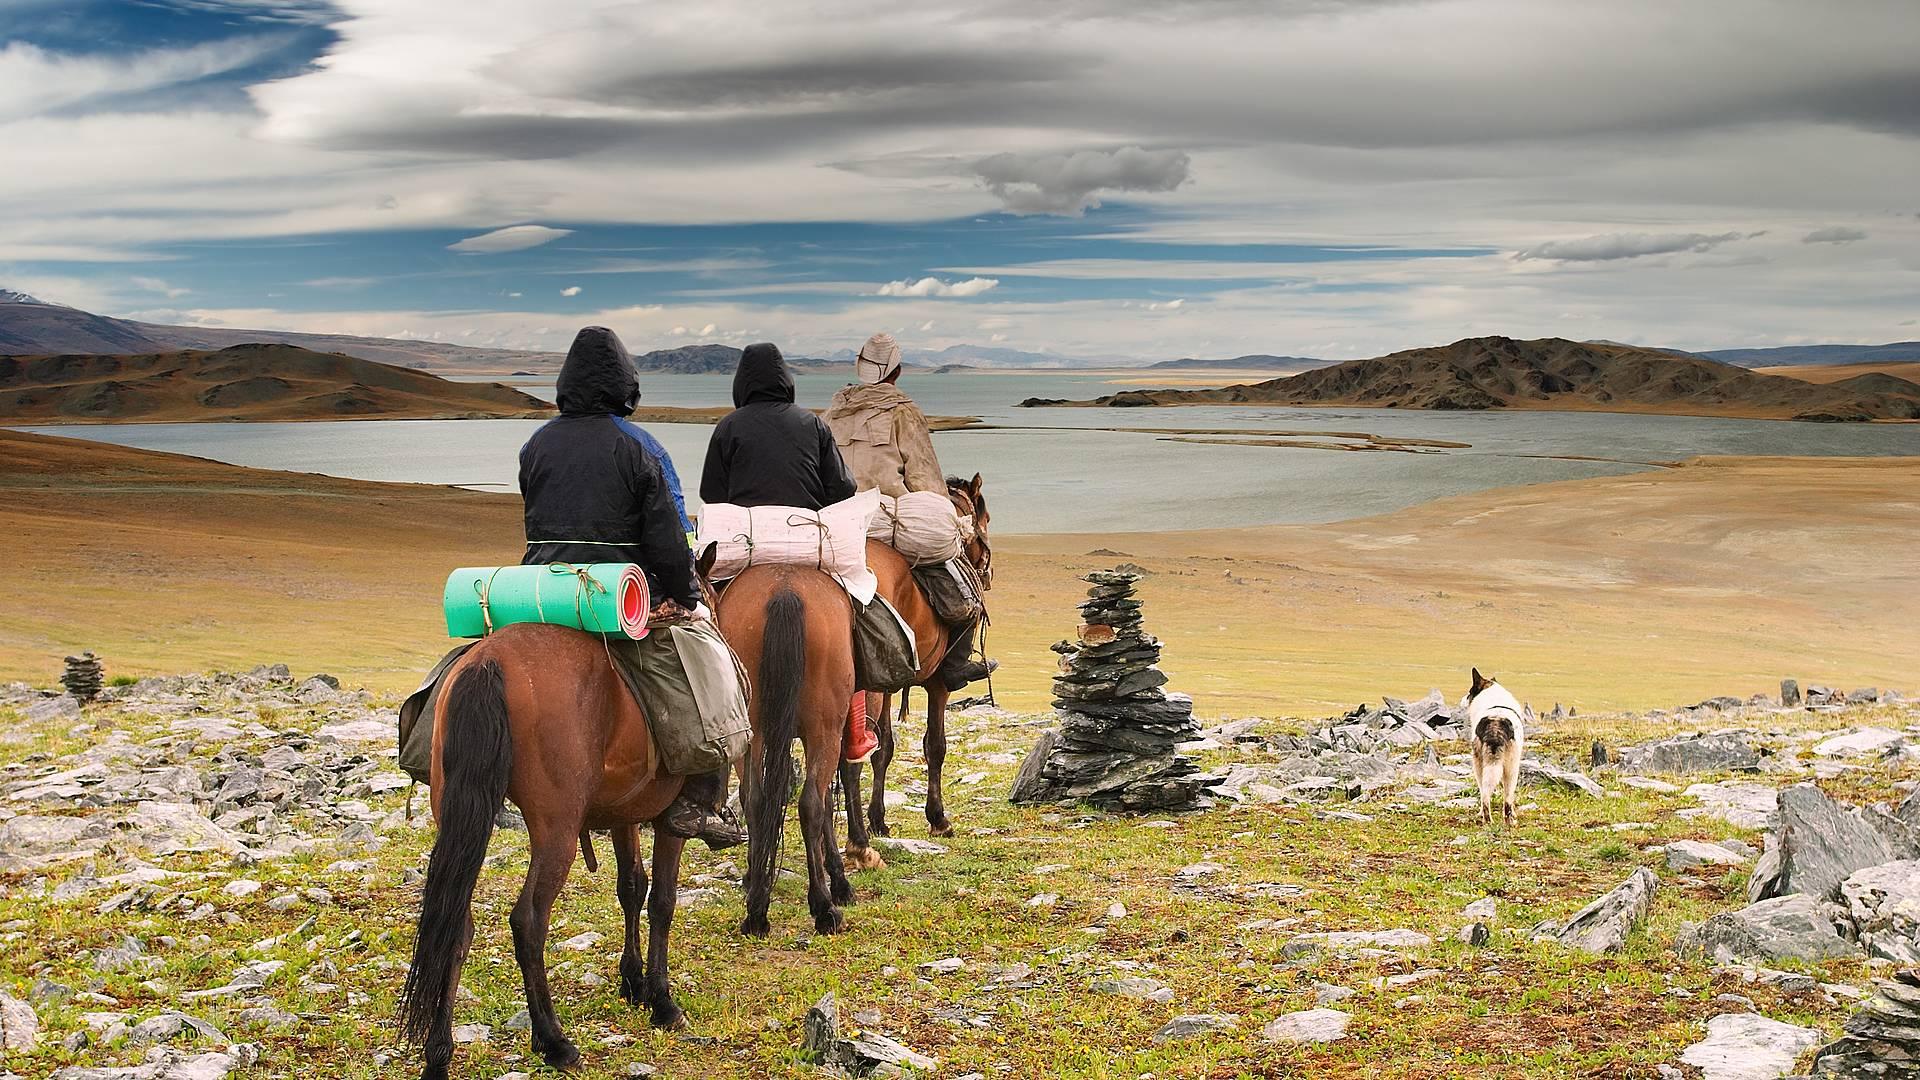 Dans la peau d'un nomade des steppes